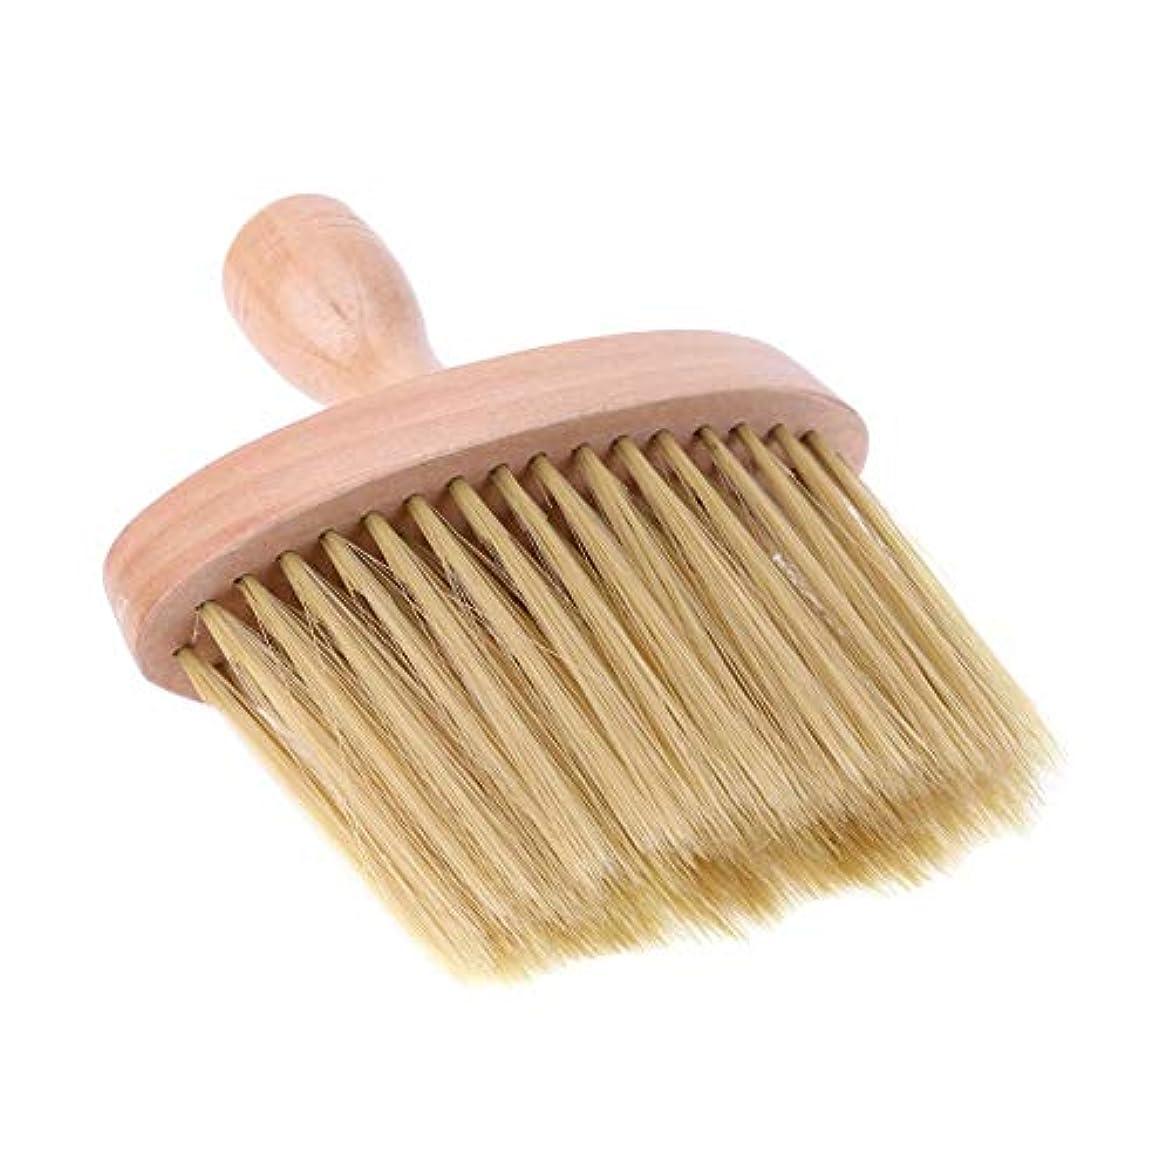 困った考え急流Powlance ブラシ ファンデーション 化粧品 収納 コスメ 化粧ブラシ